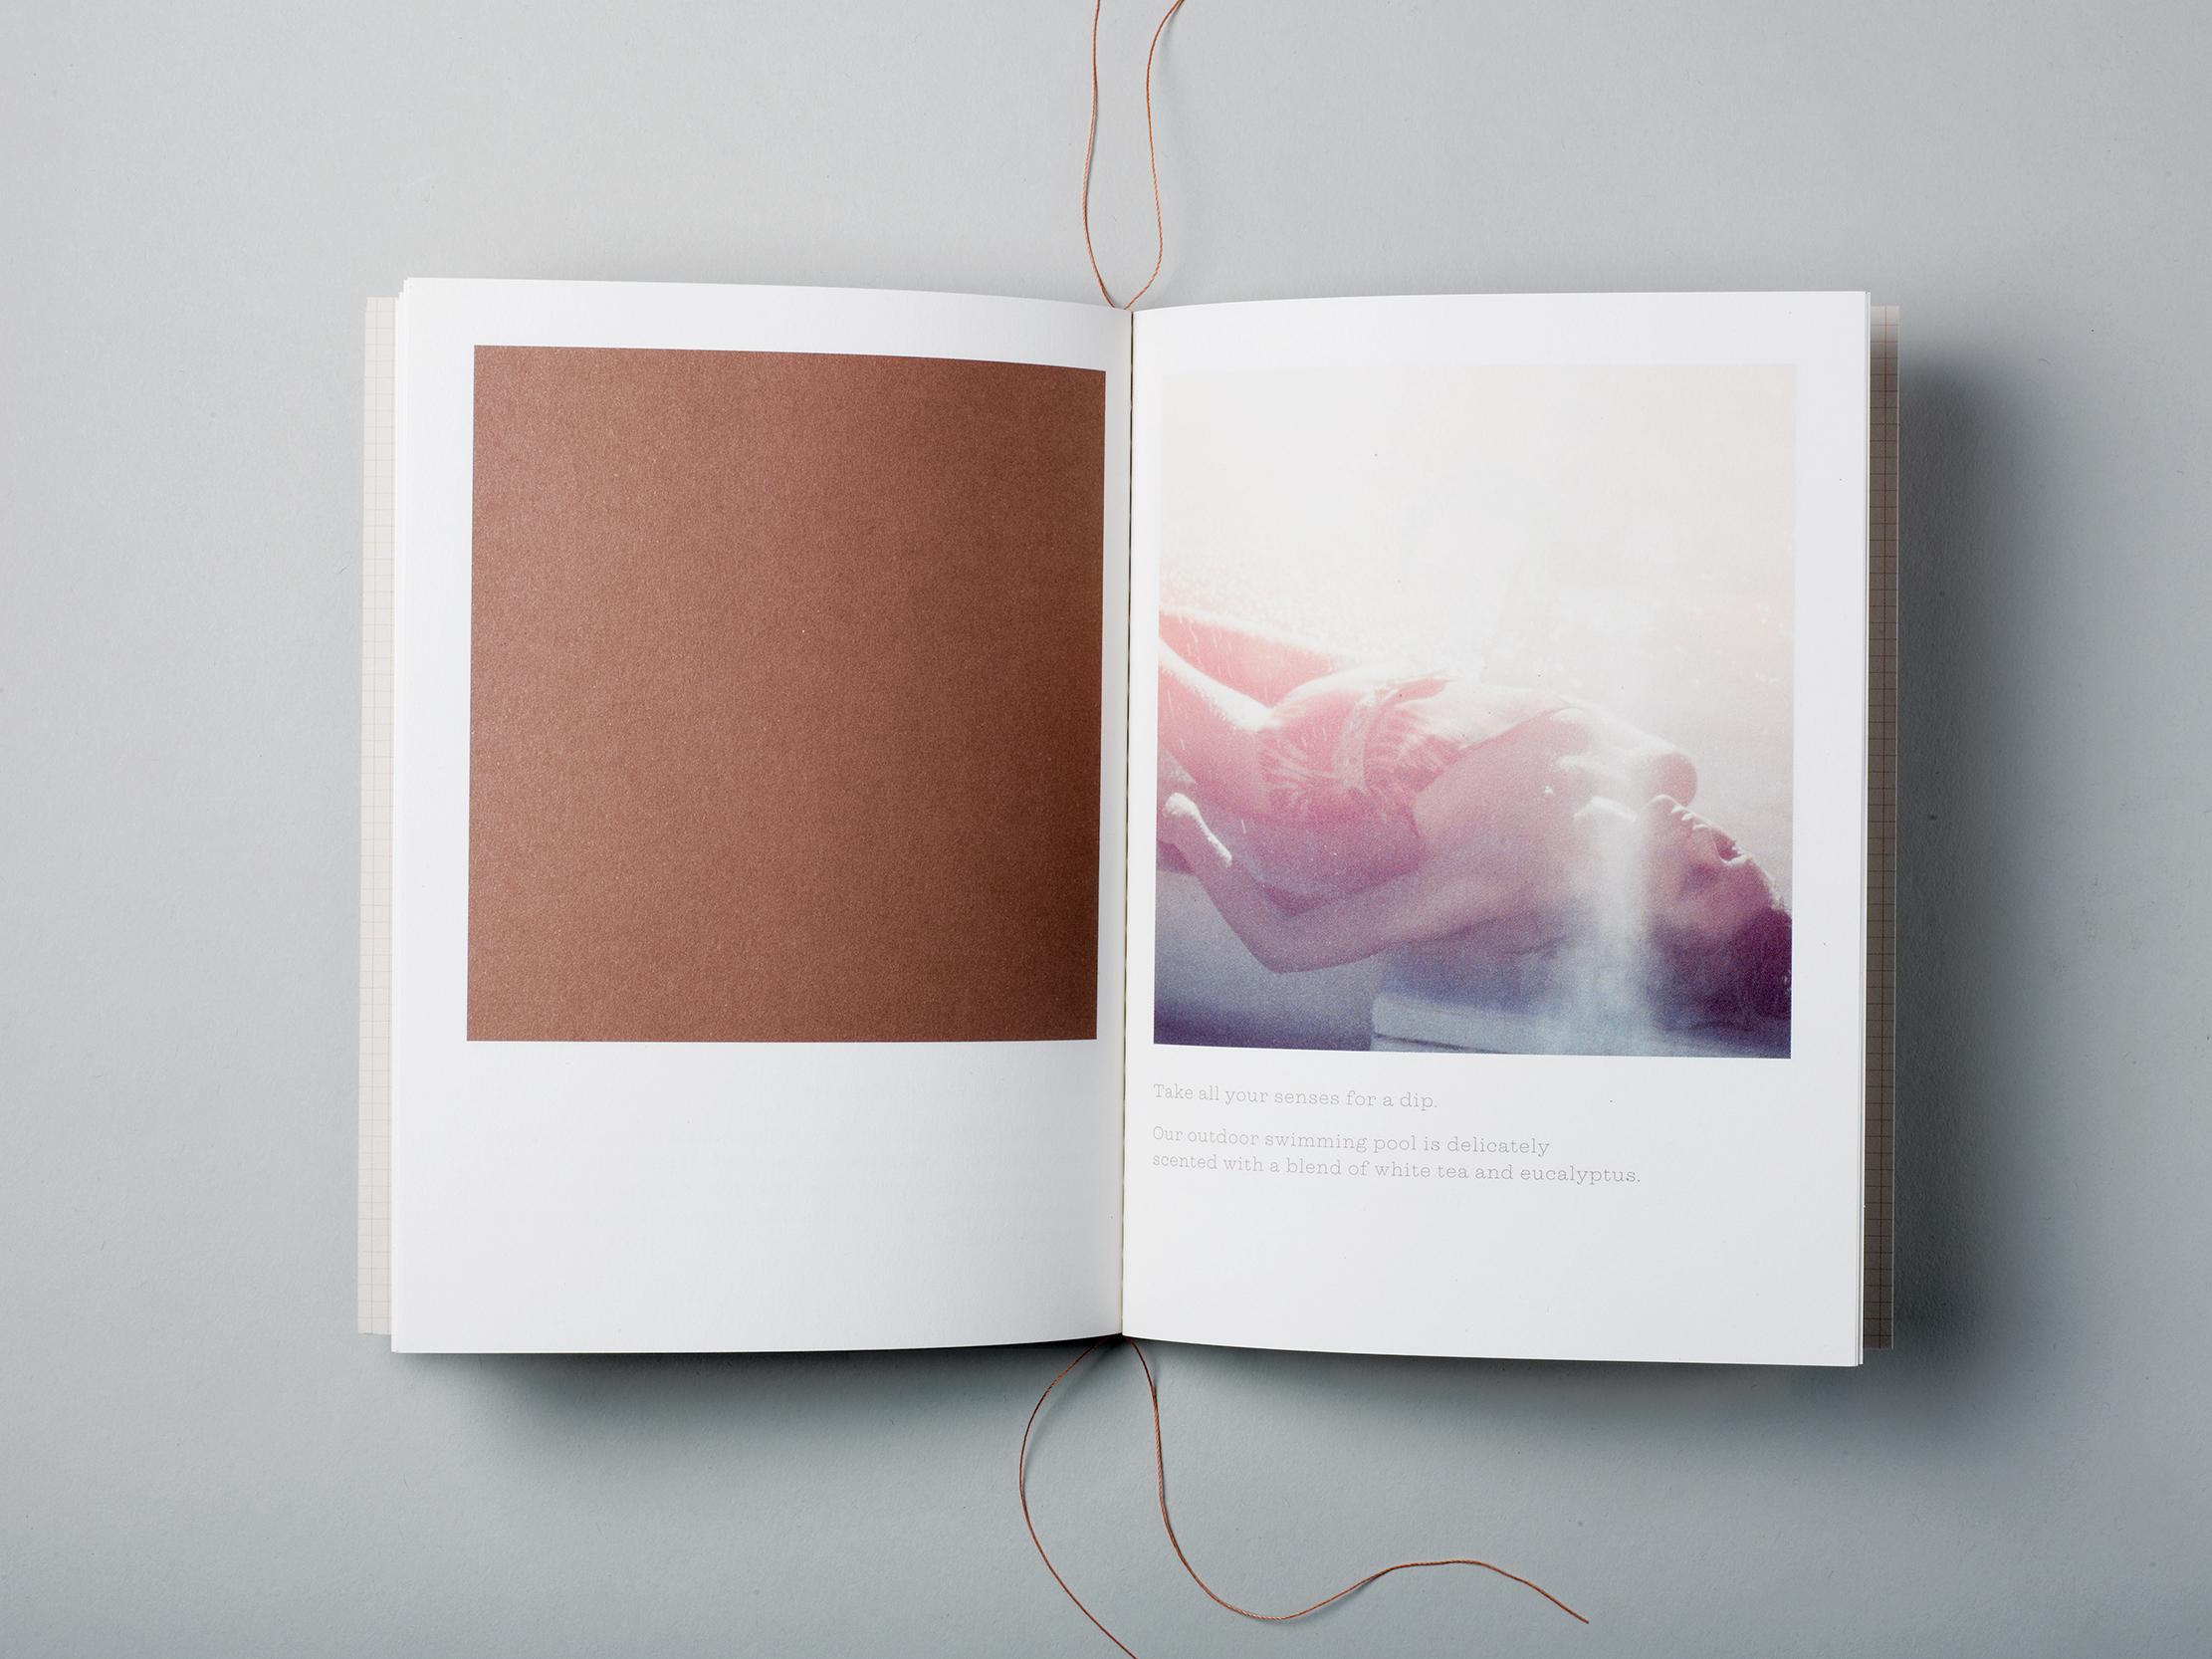 Darling-brochure-interior.jpg